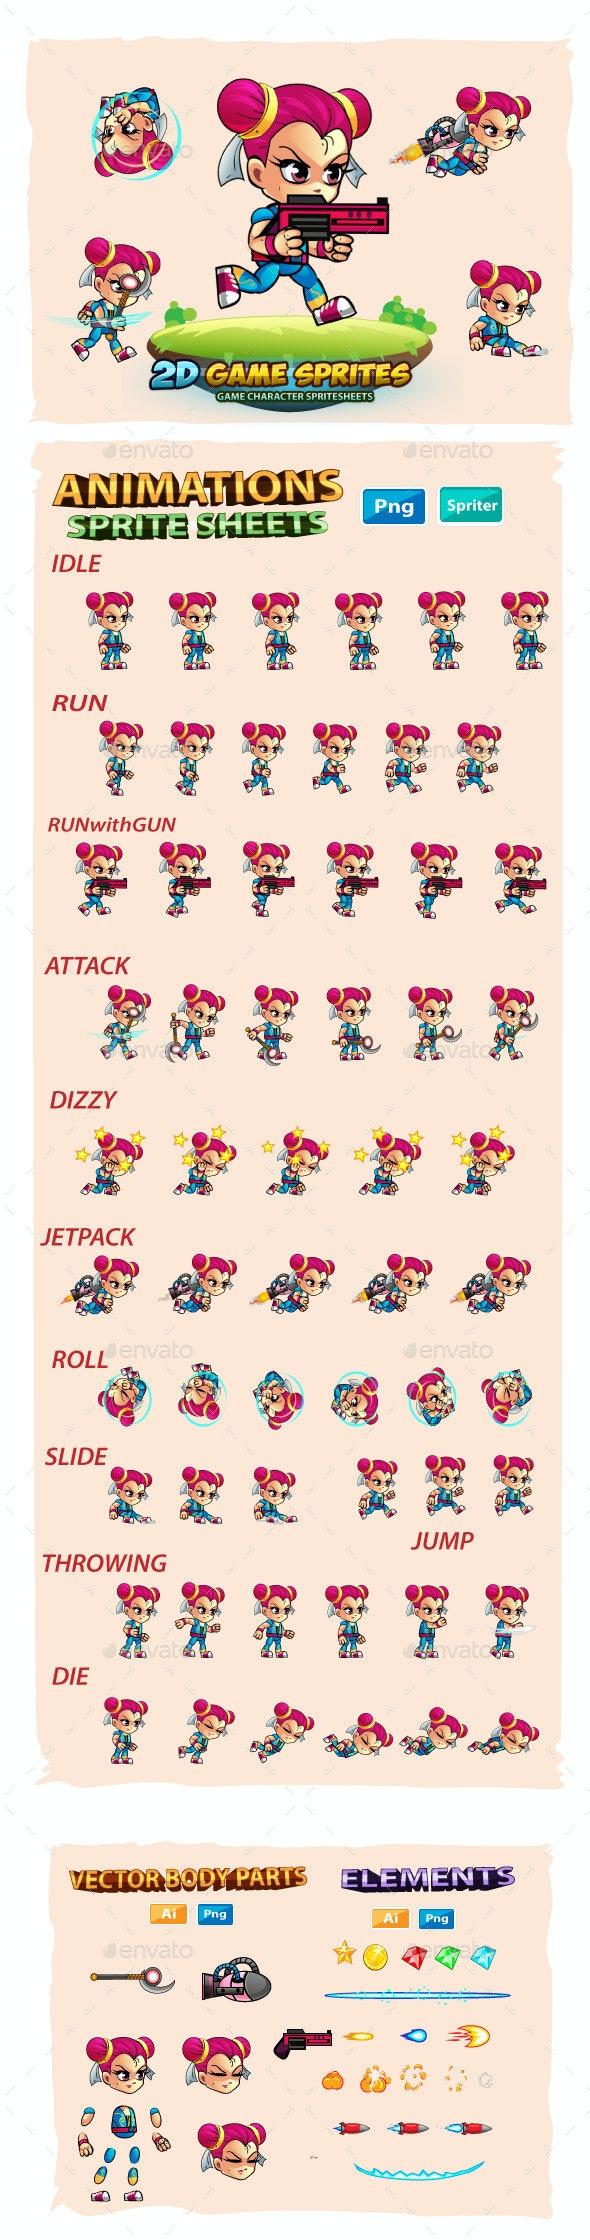 Kim 2D Game Charcter Sprites - Sprites Game Assets